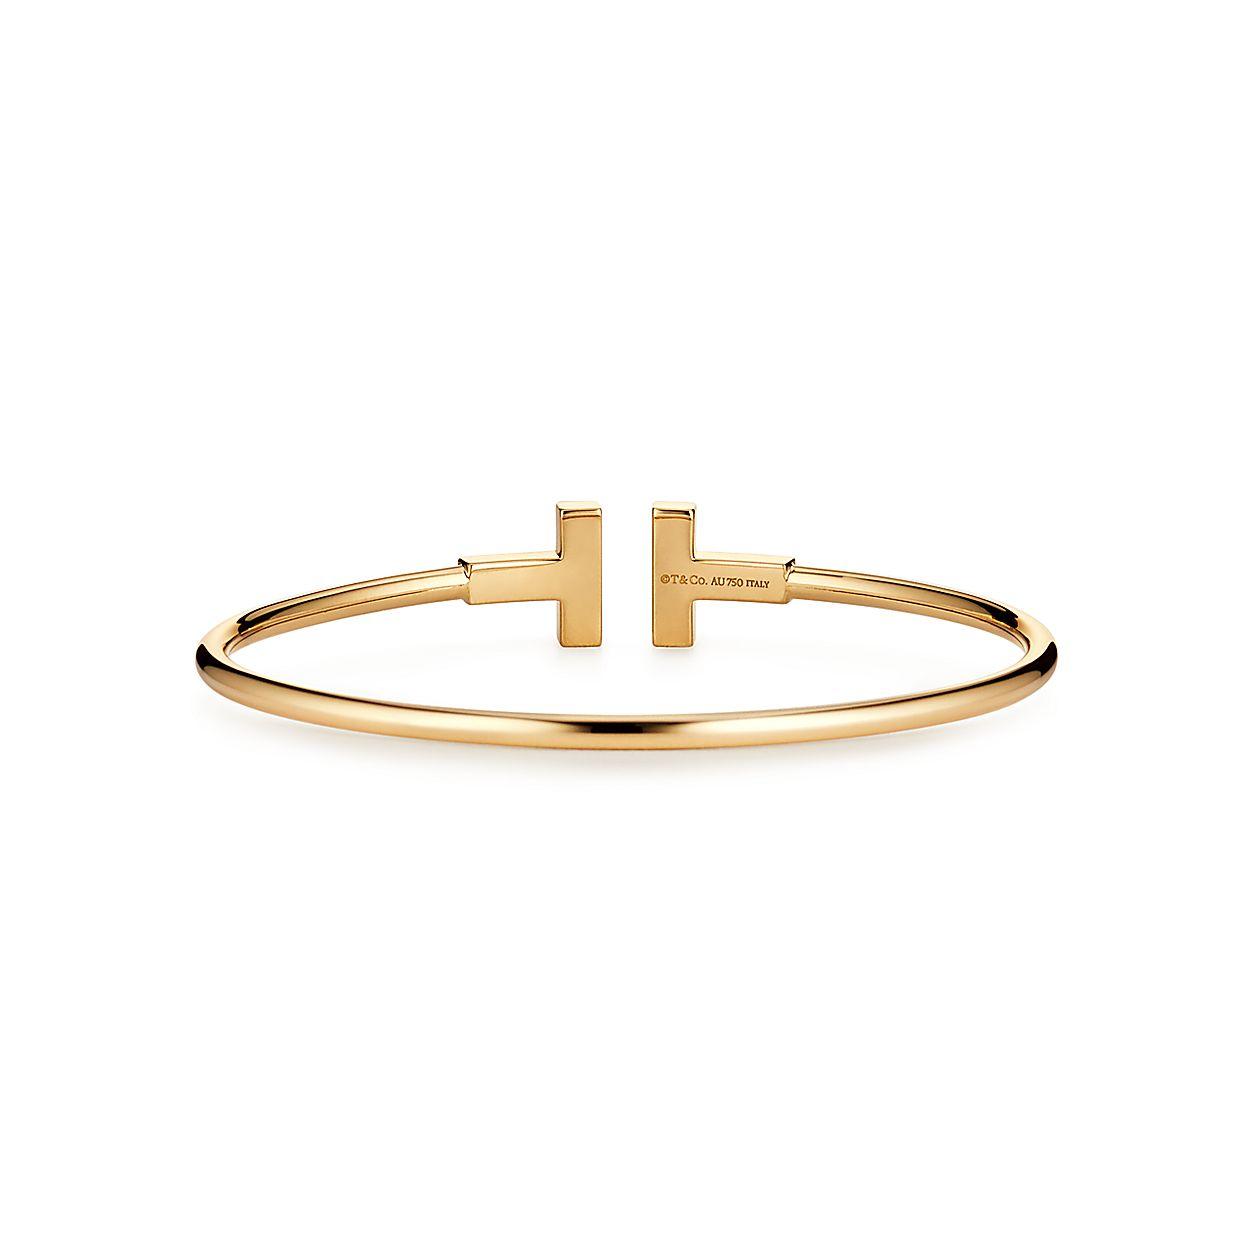 f3bce5879 Tiffany T wire bracelet in 18k gold with diamonds, medium. | Tiffany ...